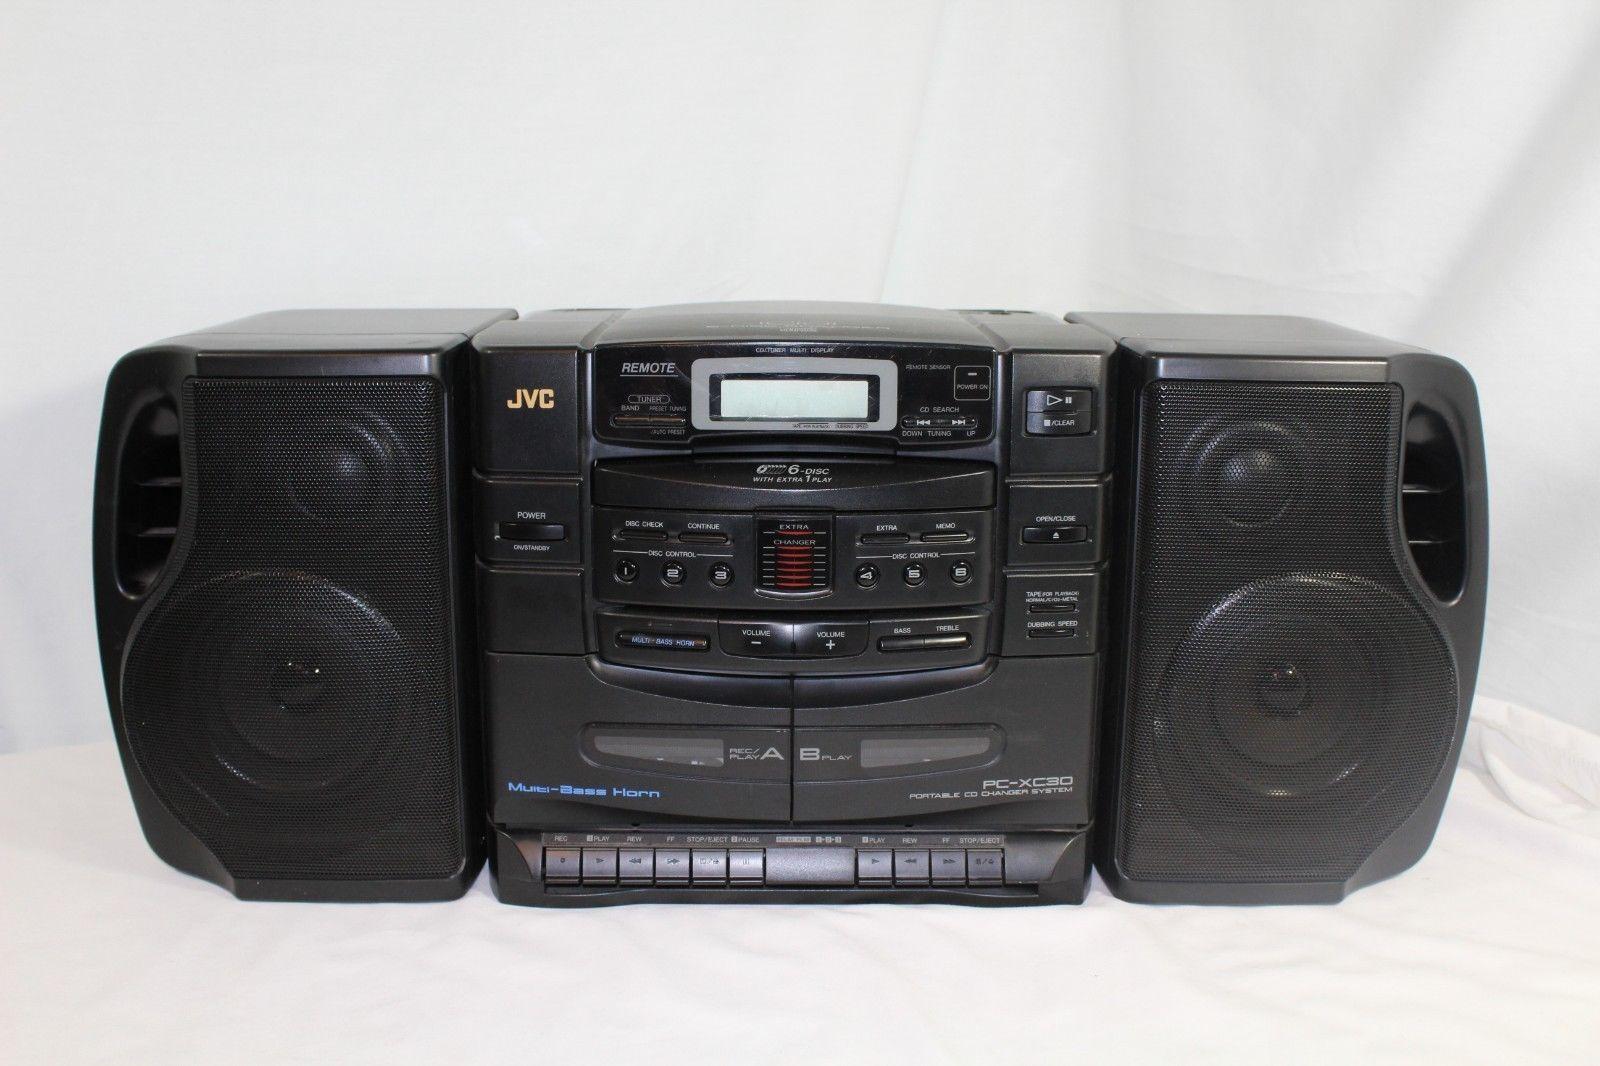 JVC Pc-xc30 Boombox 6 CD Changer Dual Cassette Deck Am/fm Portable System |  eBay